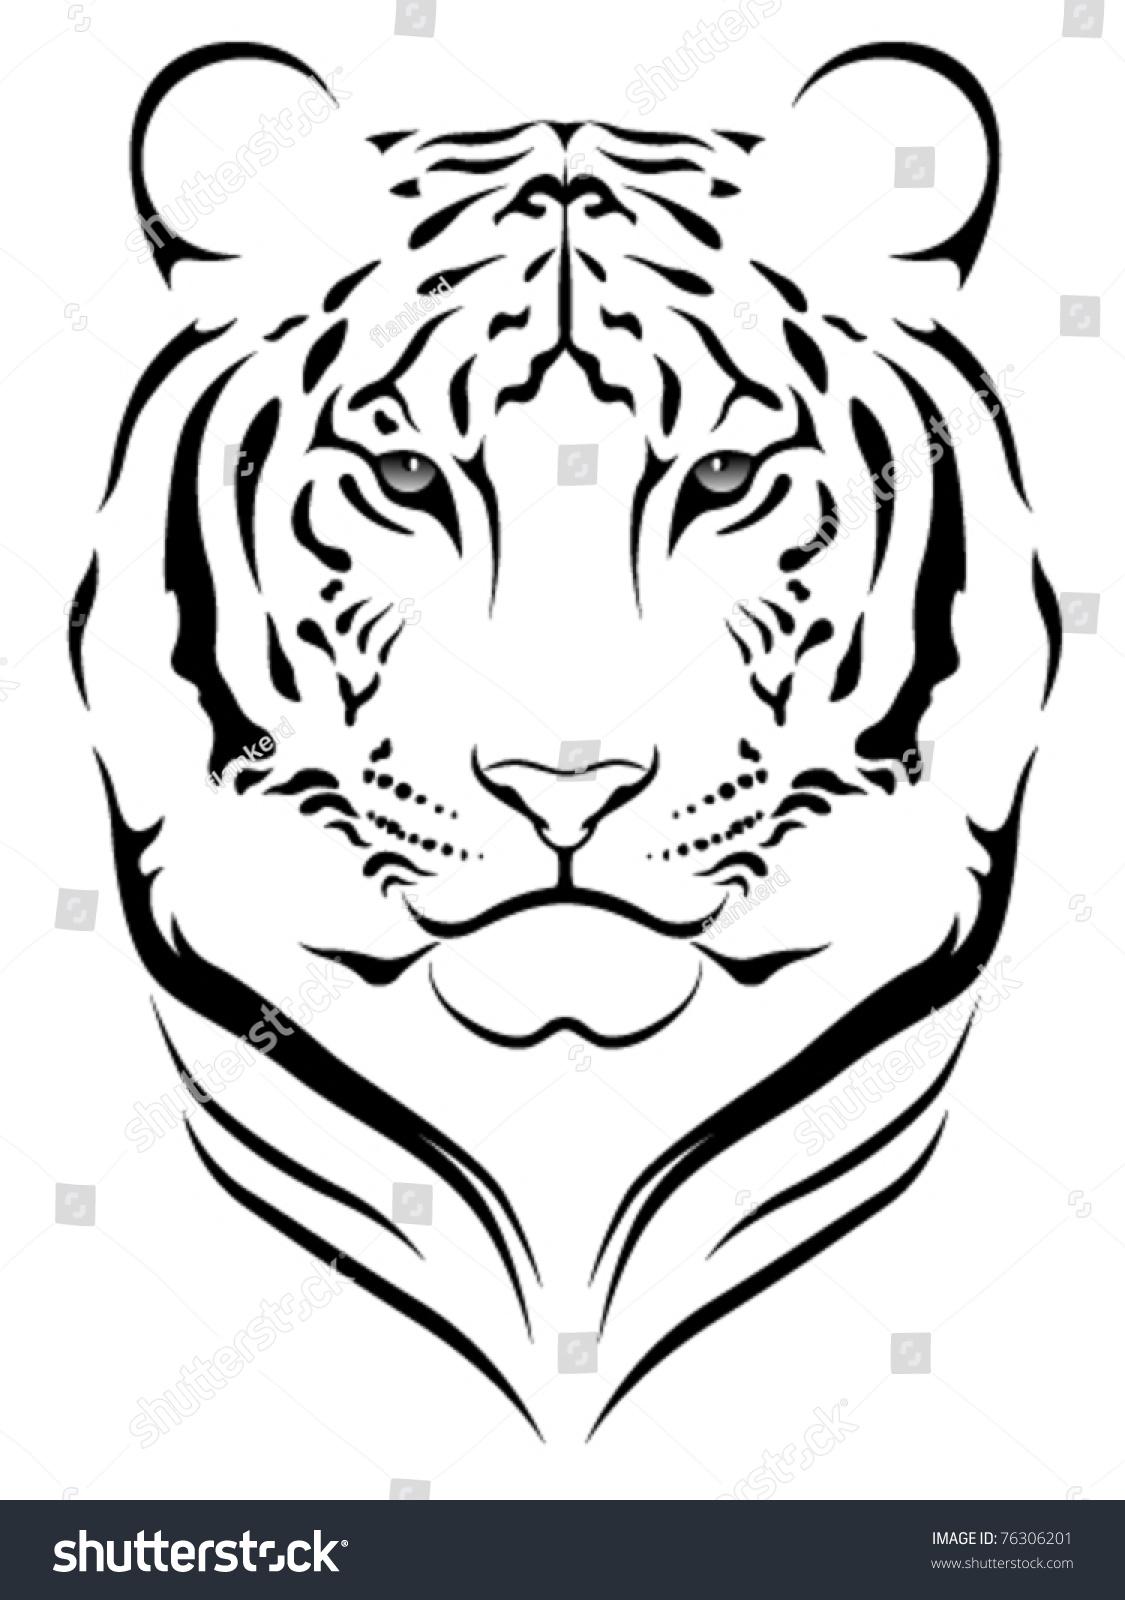 微信手绘老虎头像